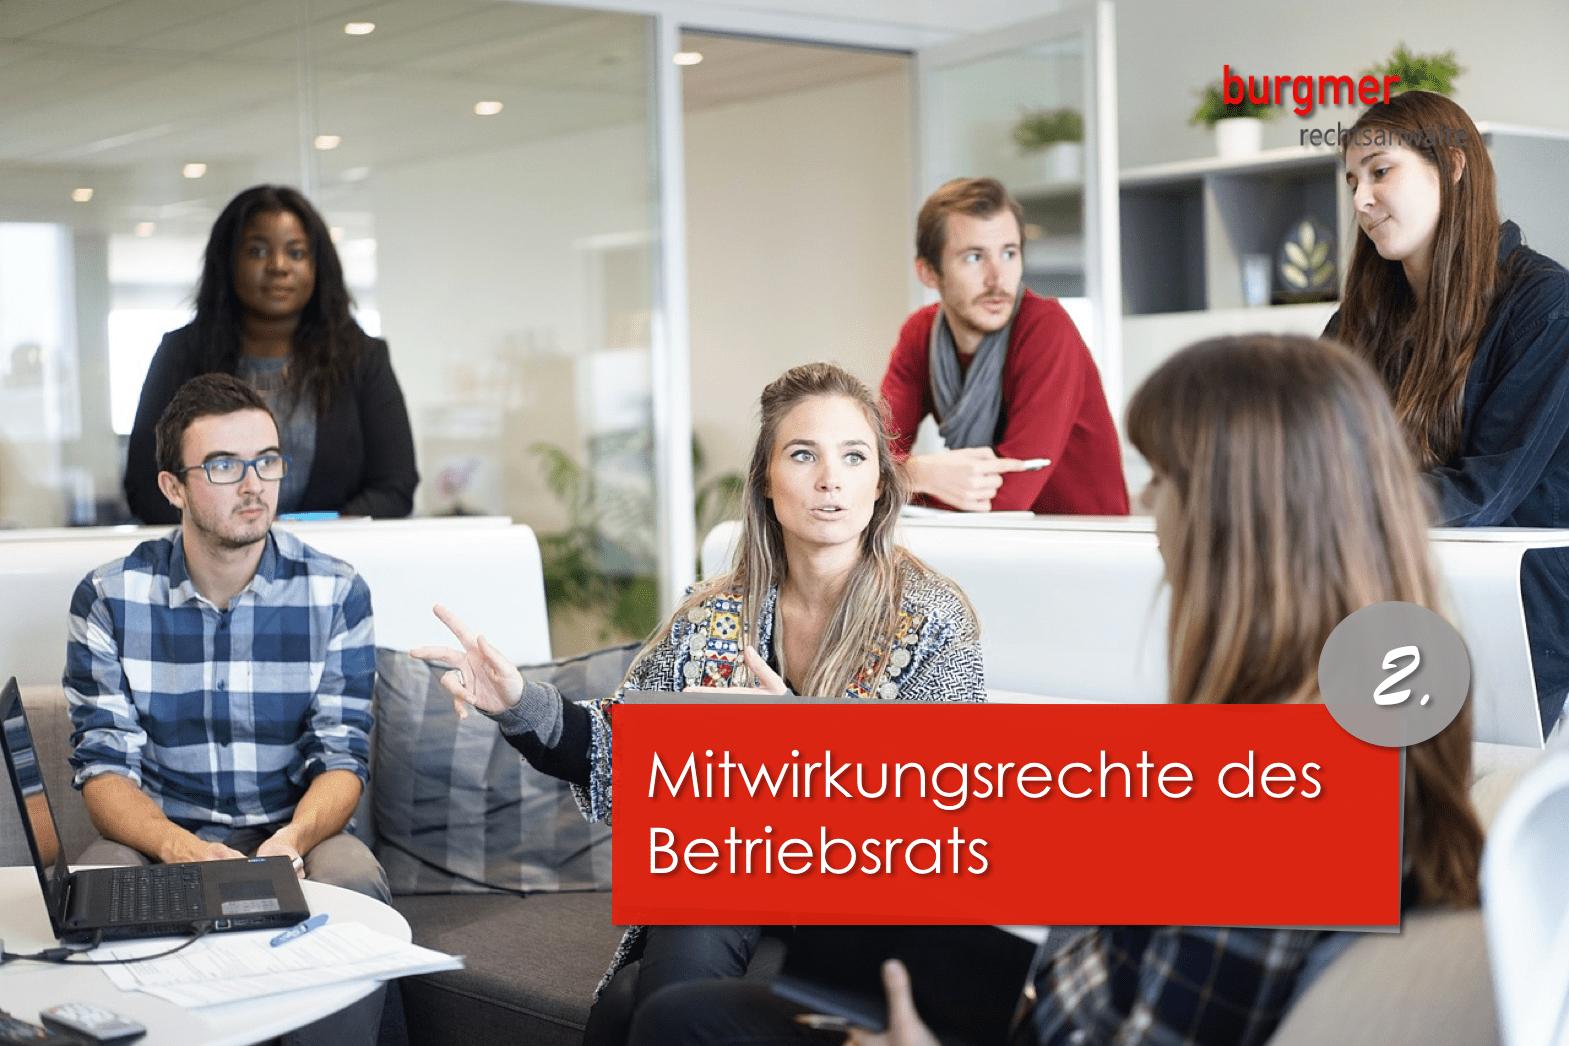 Die Mitwirkungsrechte Des Betriebsrats Burgmer Rechtsanwälte